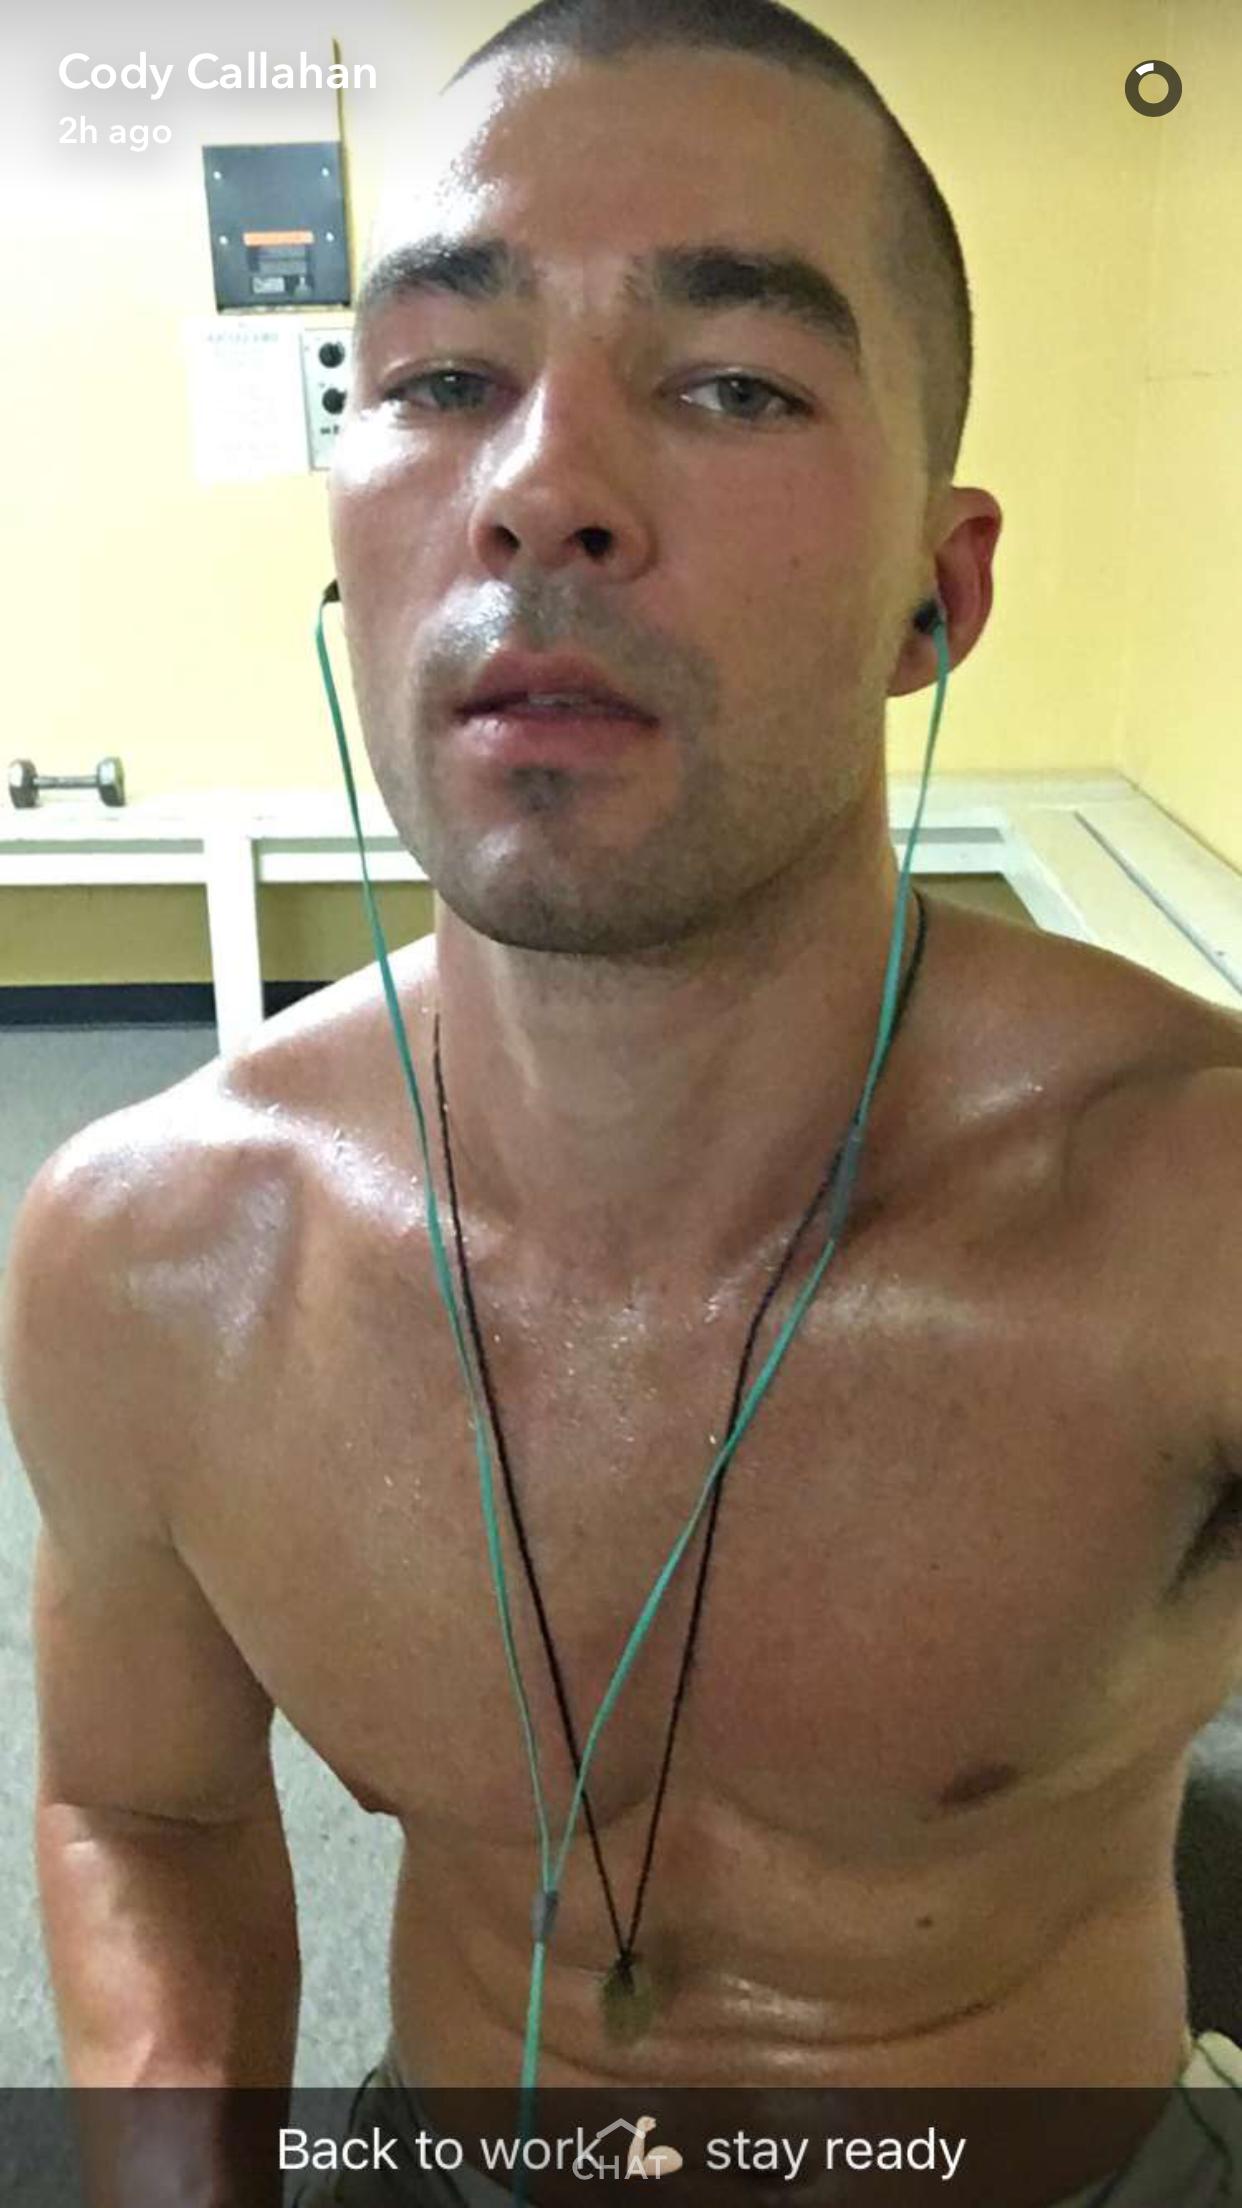 Snapchat Models: Cody Callahan.